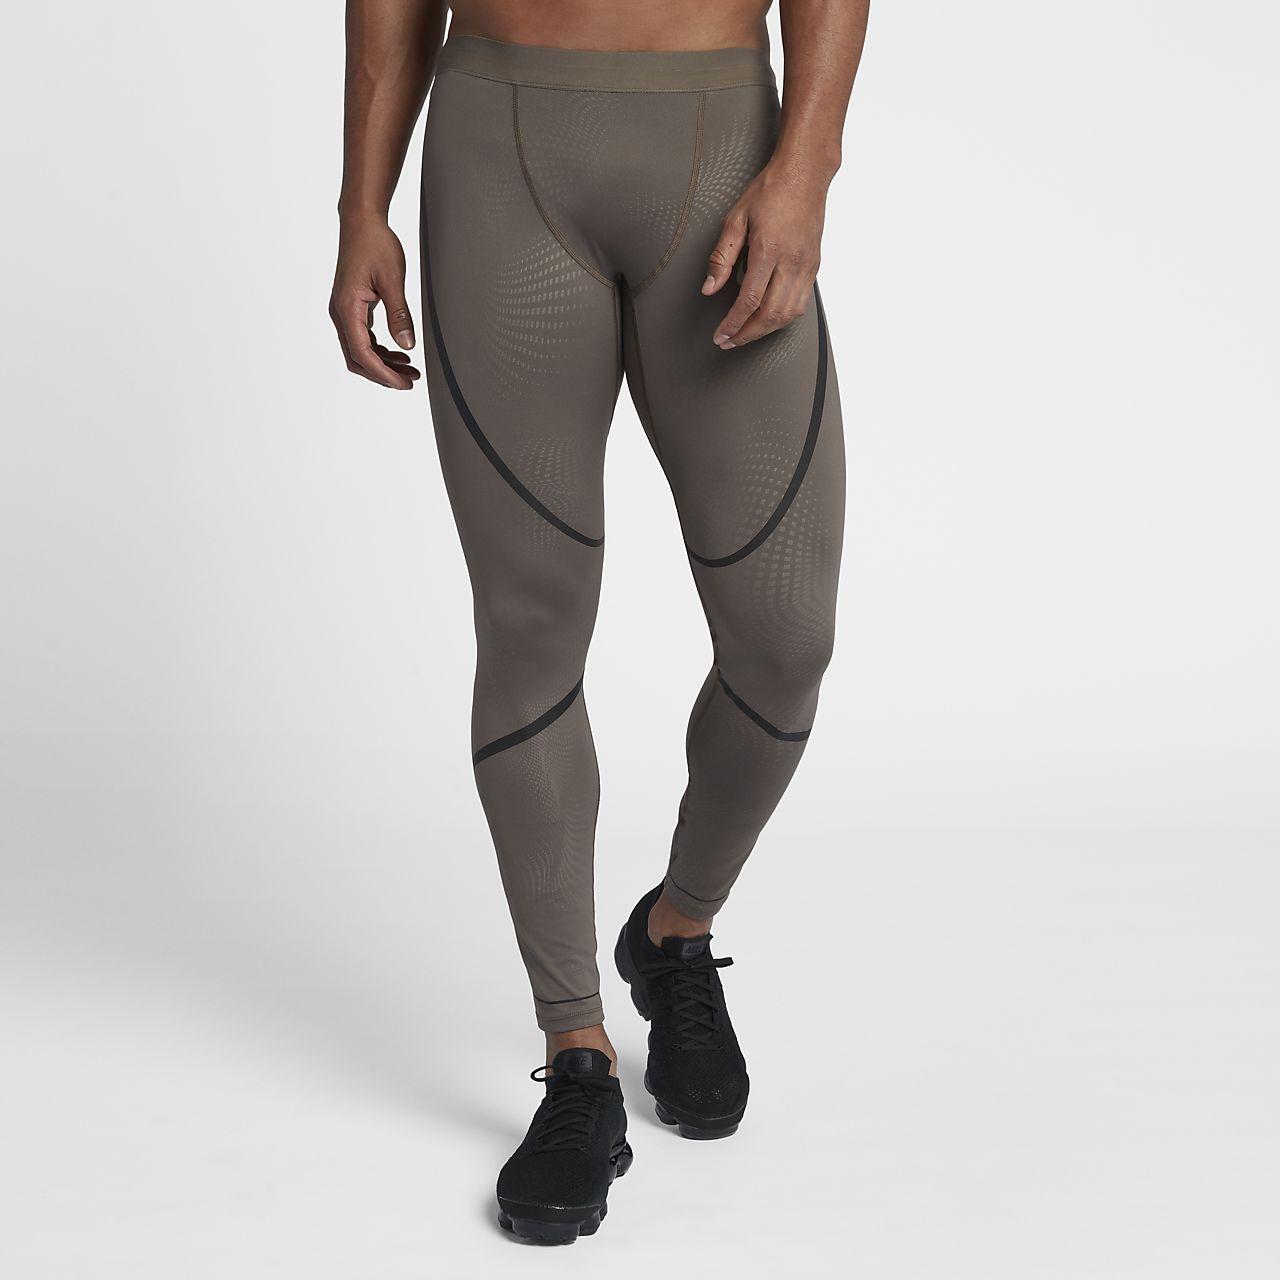 ... Collant de running Nike Tech 8238bc5 pour Homme 75d820fb ... 56d9d66e76c